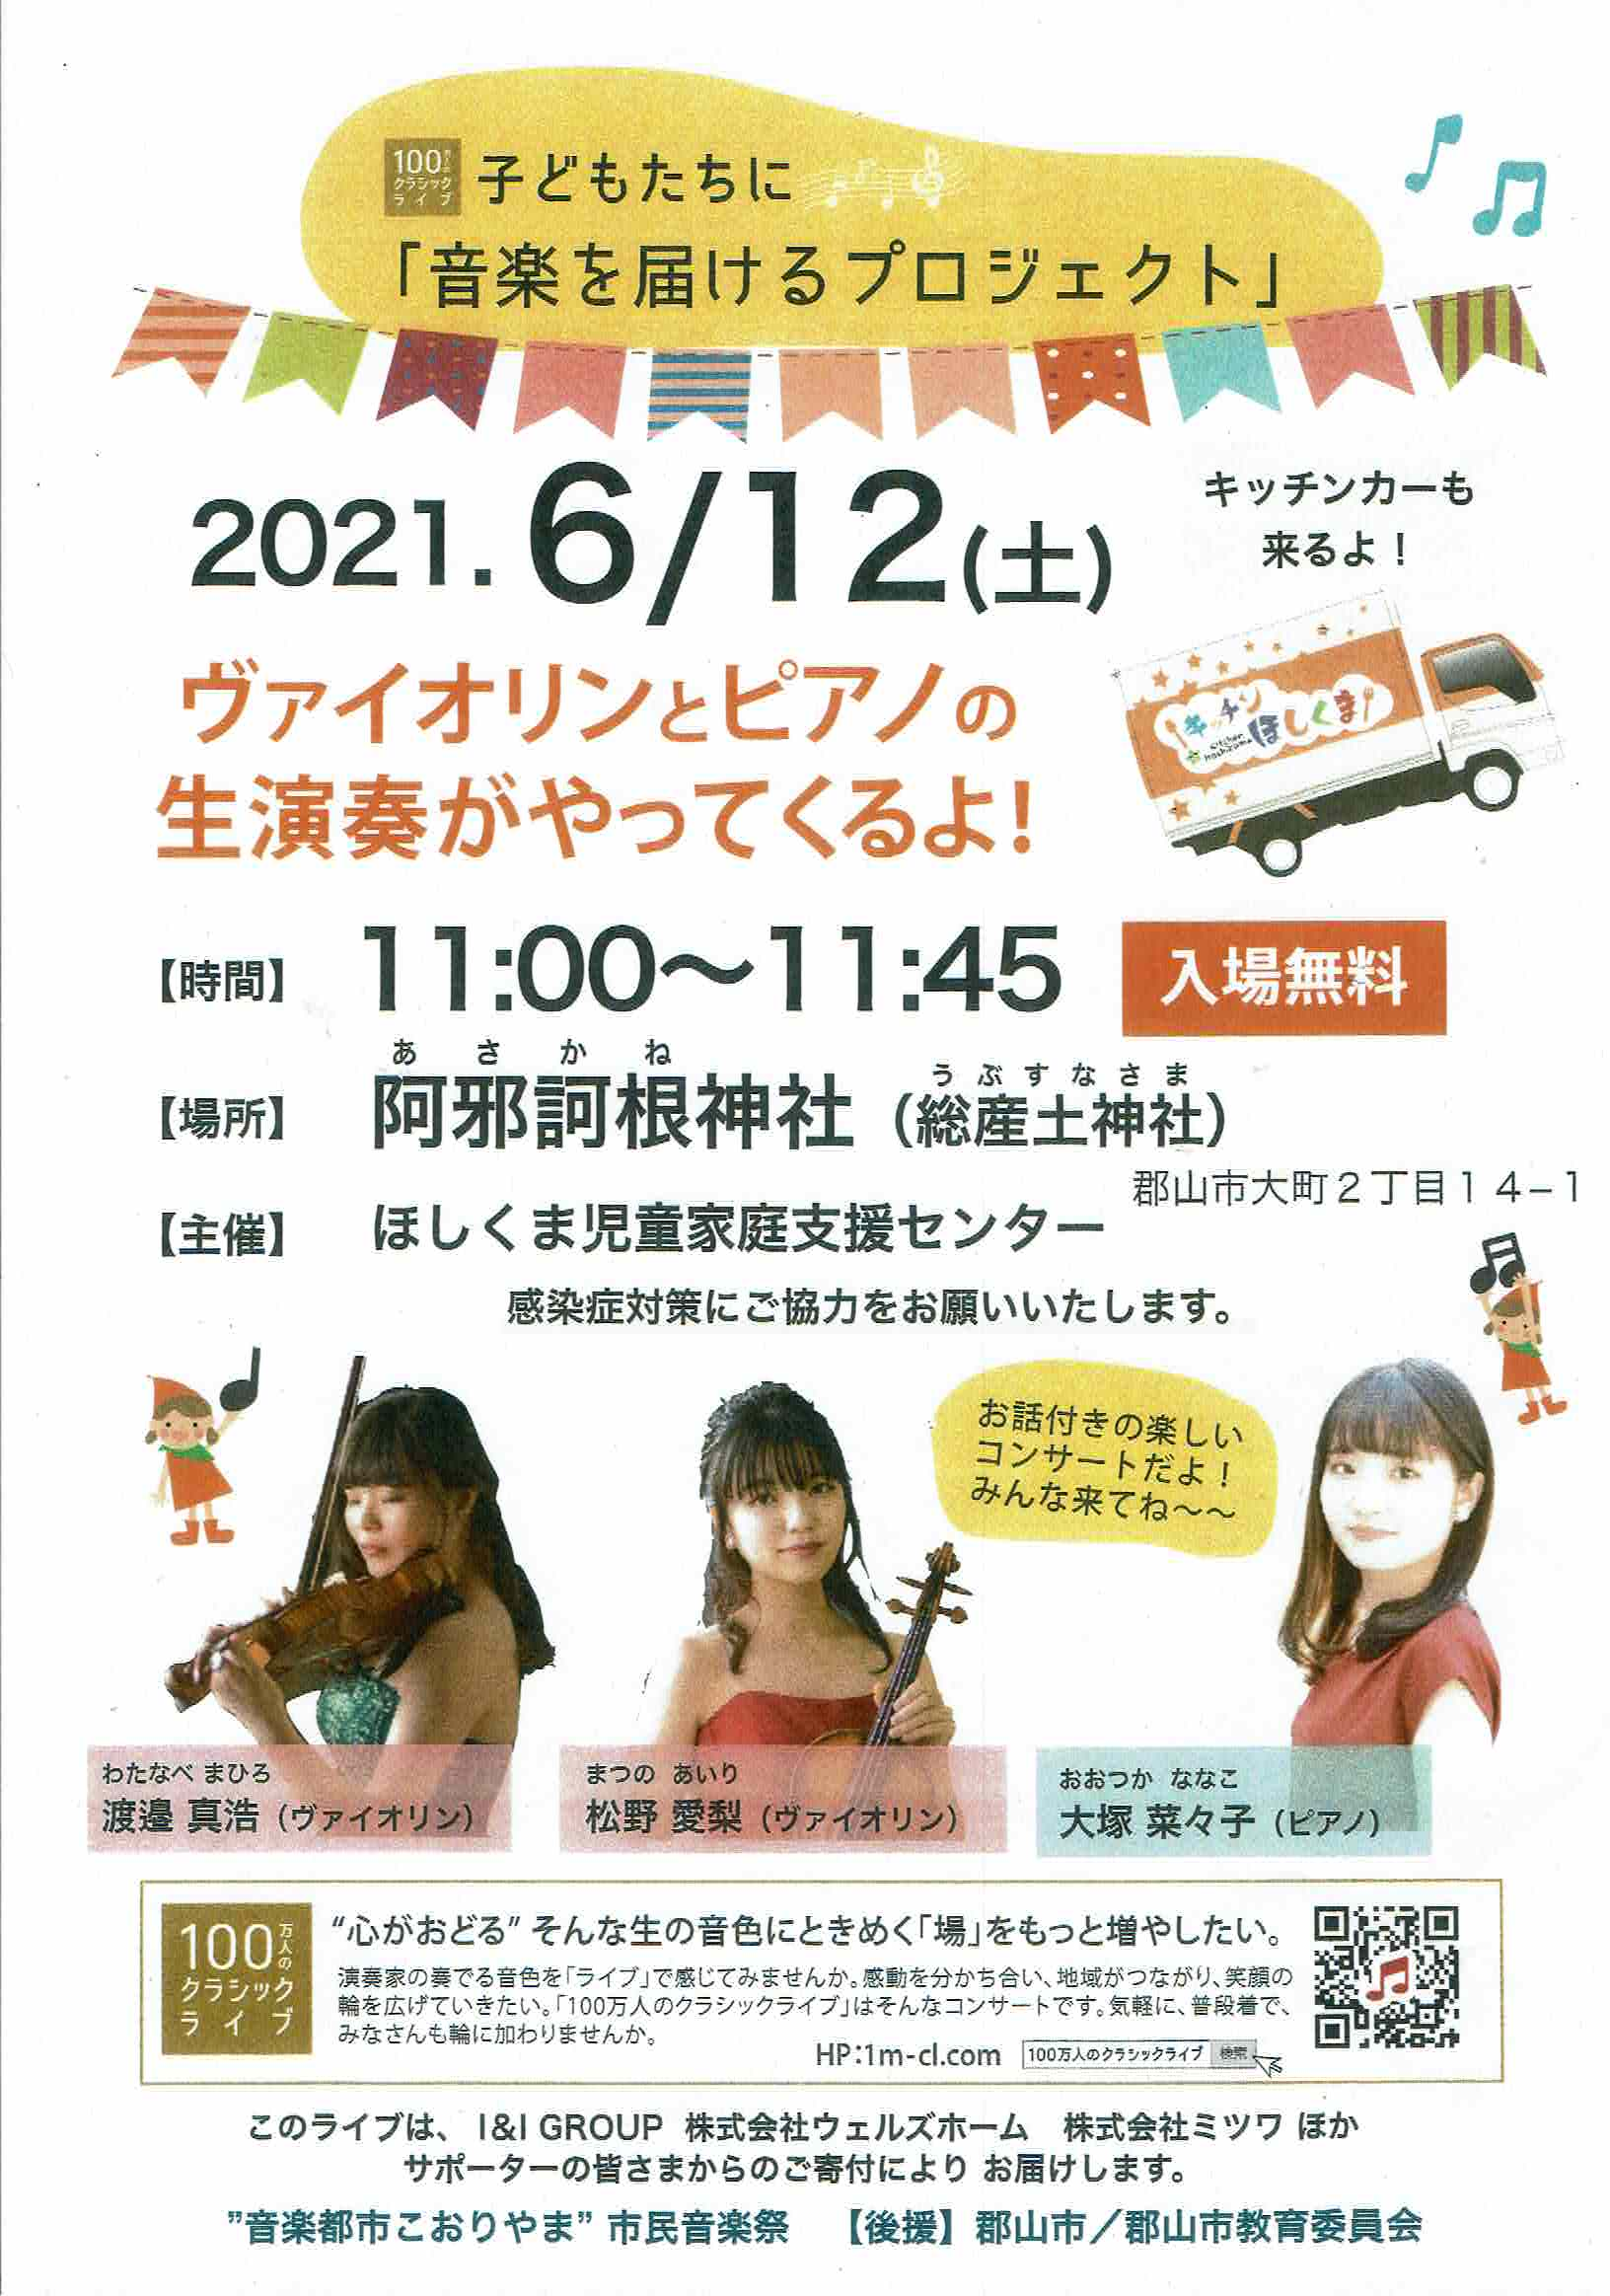 100万人のクラシックライブ「若手音楽家のコンサート」開催◆6月12日(土)